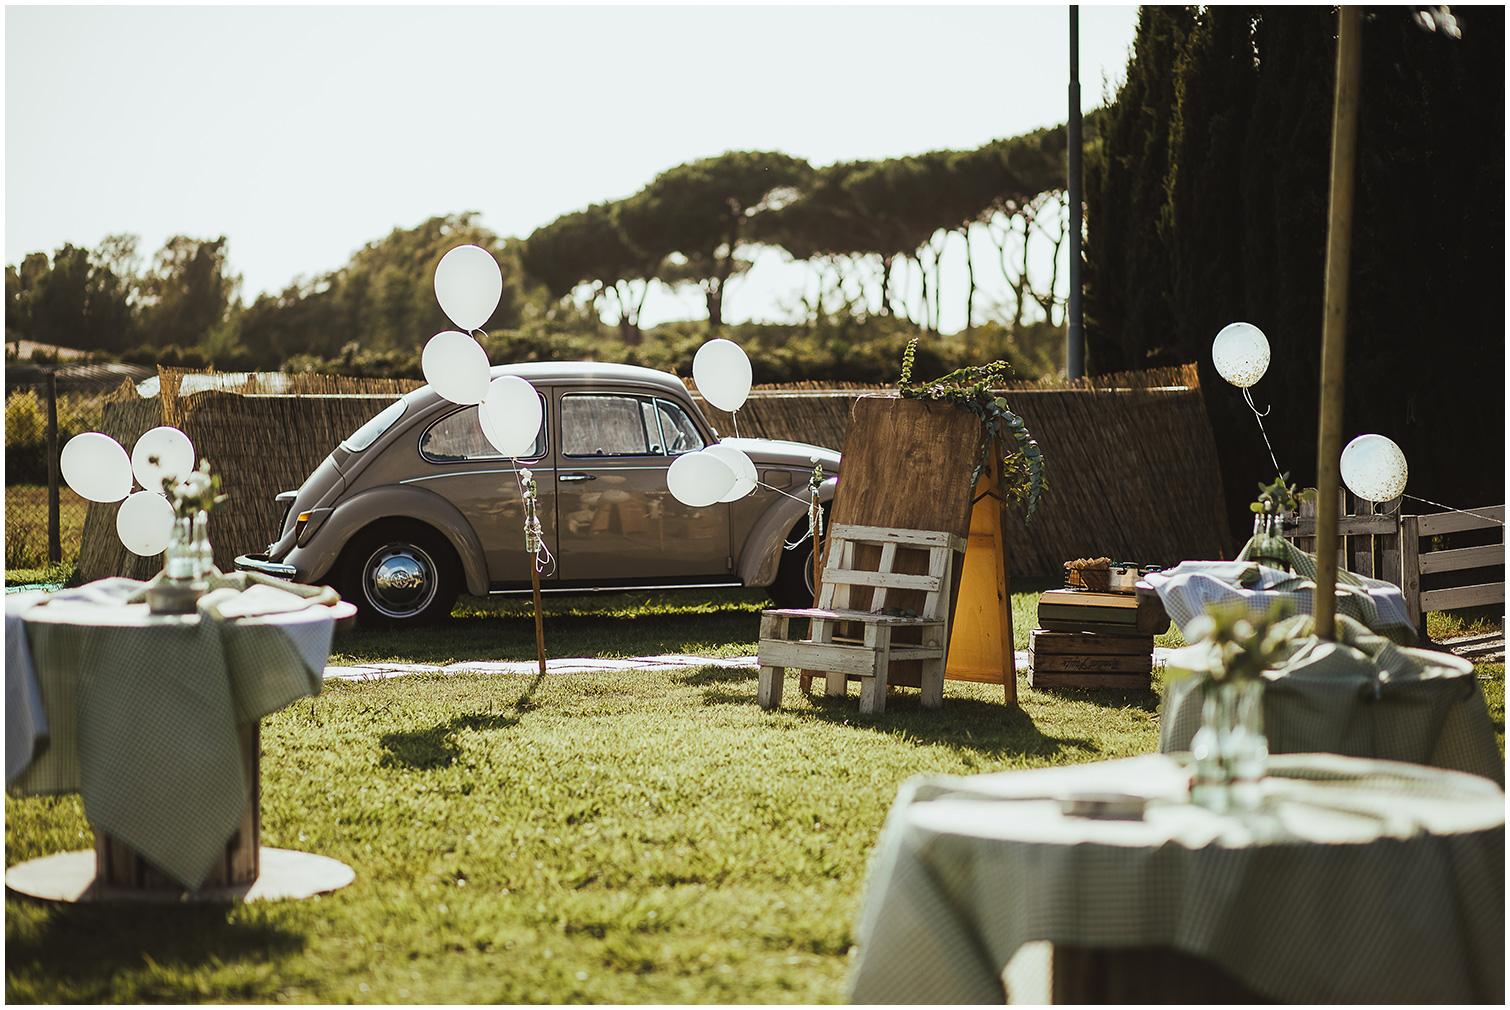 CLARA-RICCARDO-MATRIMONIO-CIRCO-VOLAVOILA-ROMA-SARA-LORENZONI-WEDDING-PHOTOGRAPHY-008